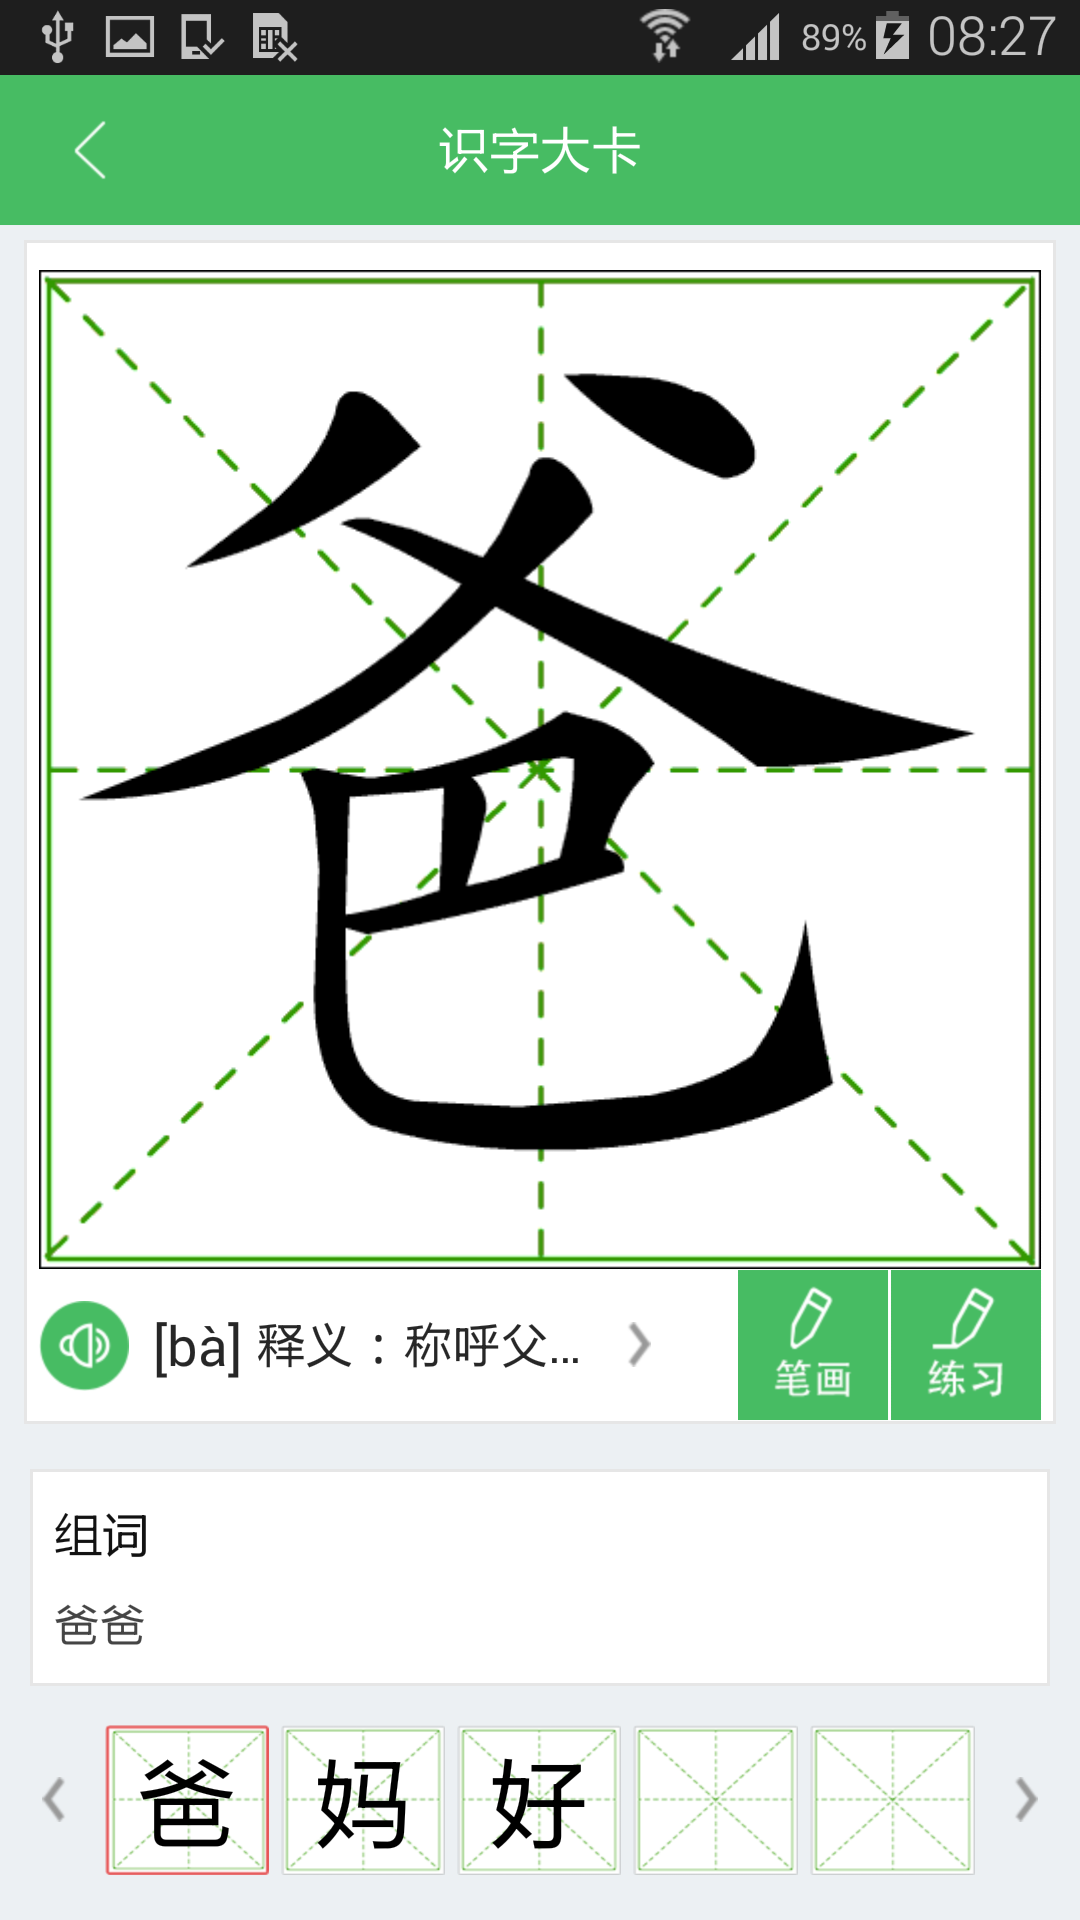 平安校园 V1.9.33 安卓版截图3